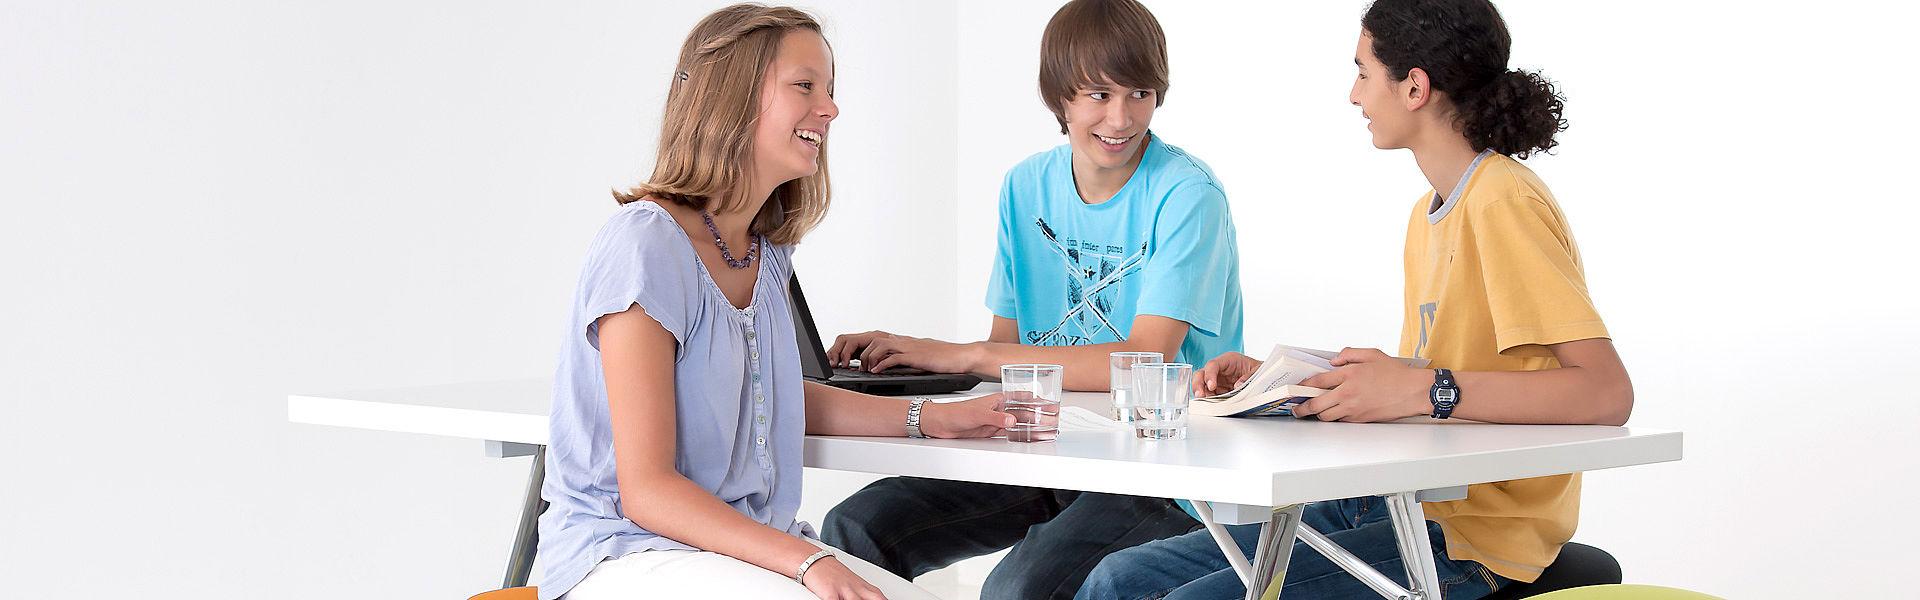 Bild: Jugendliche mit Laptop, Block an Tisch auf Hockern